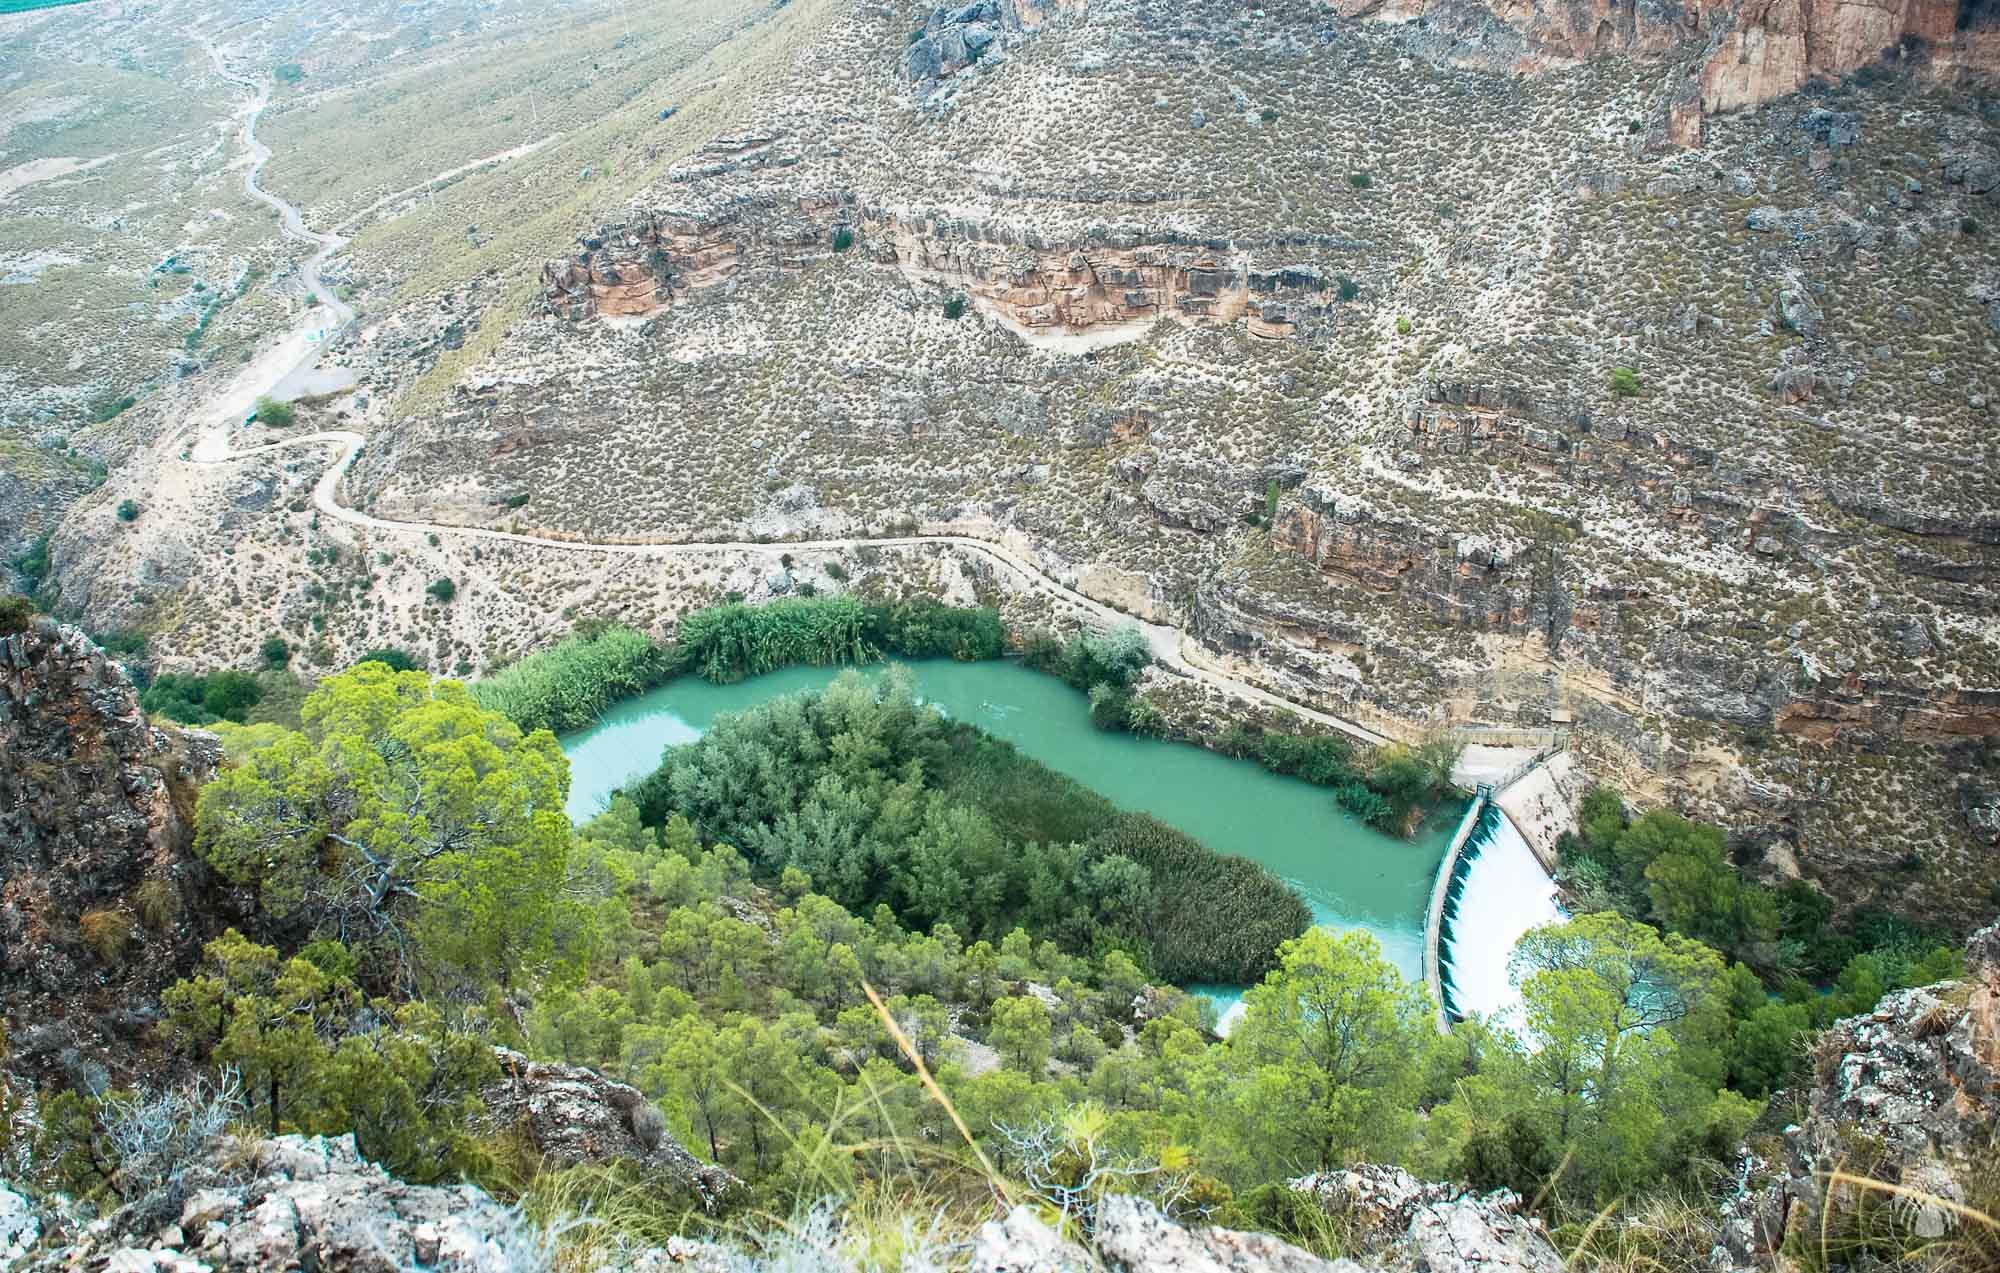 La presa vista en la vertical desde arriba